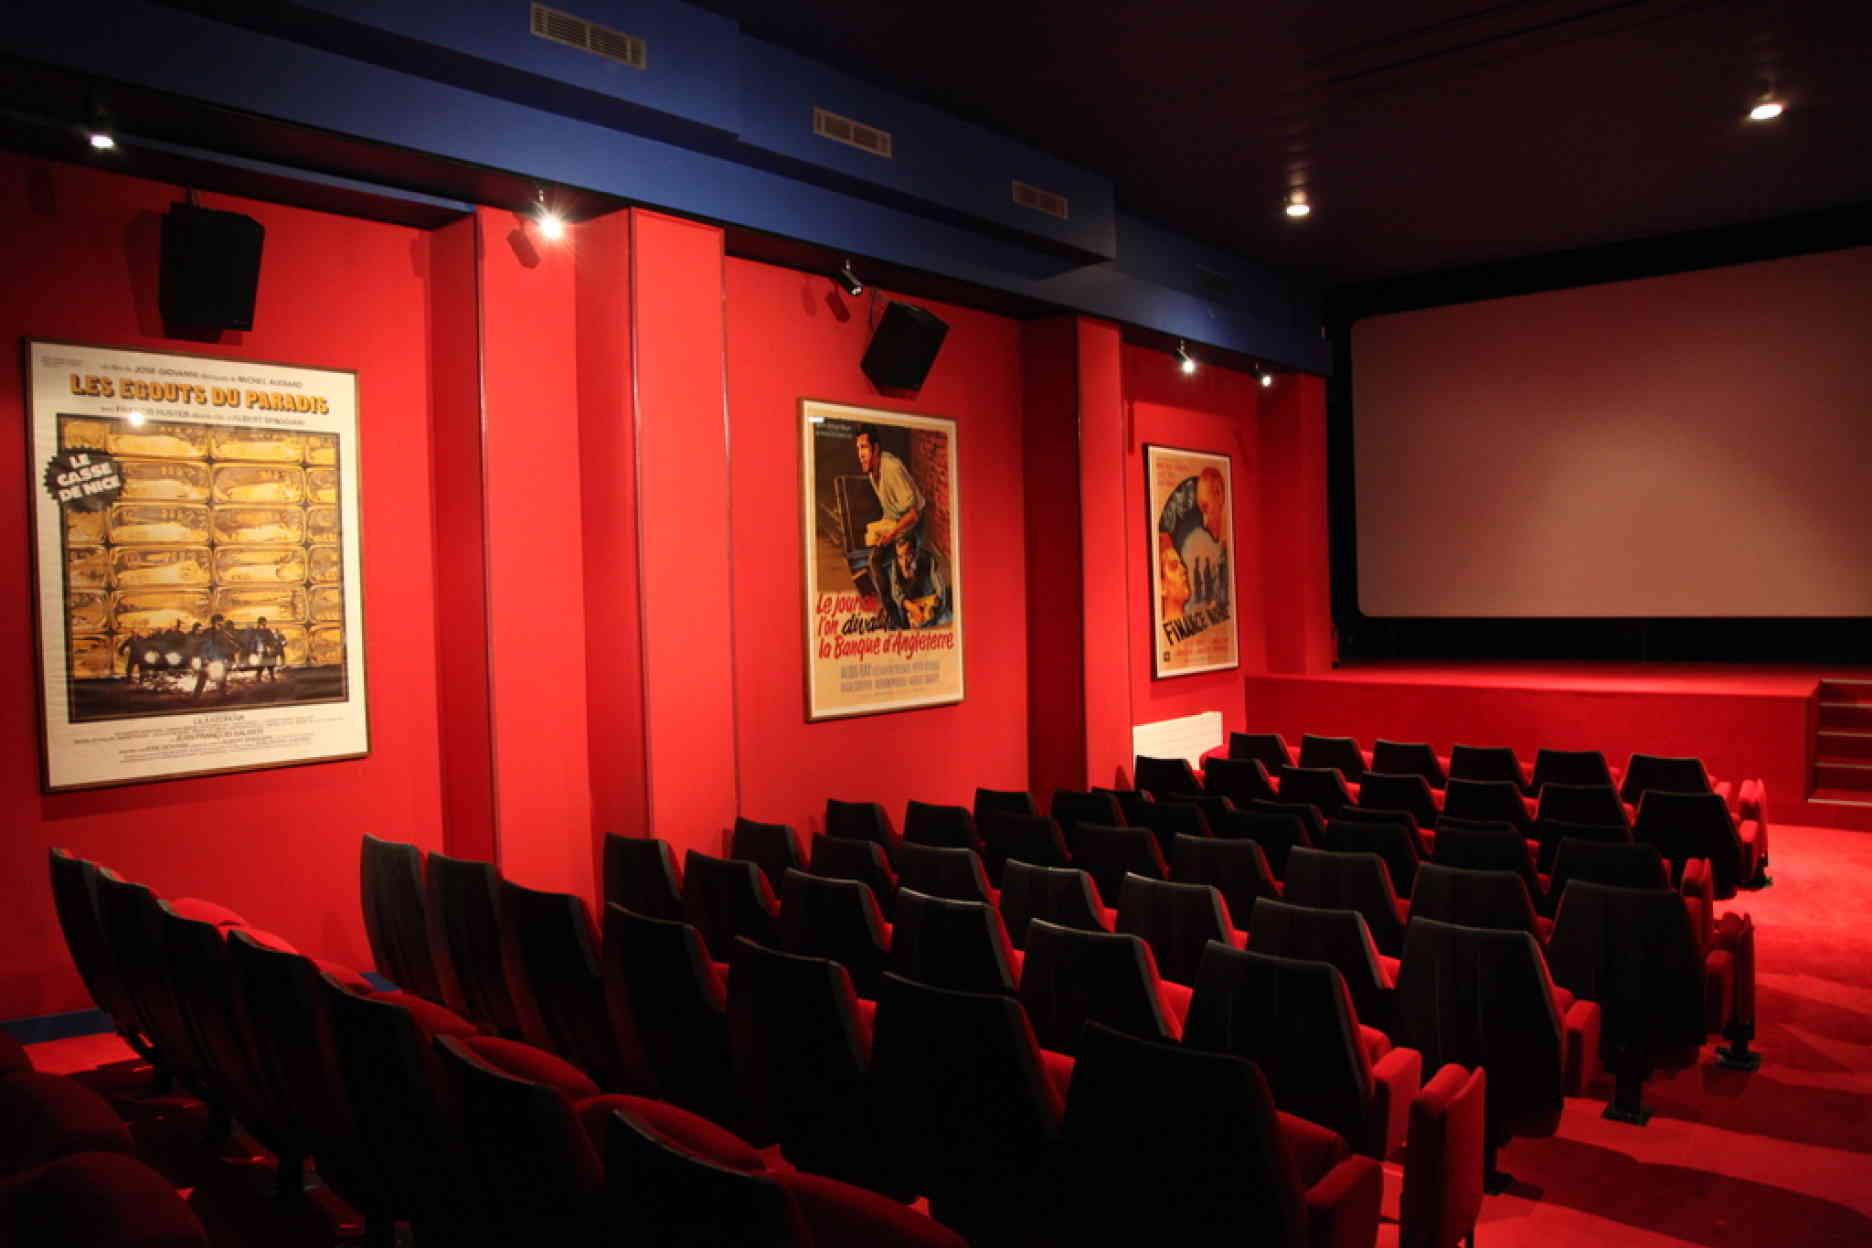 Les cinémas indépendants de la Rive Gauche